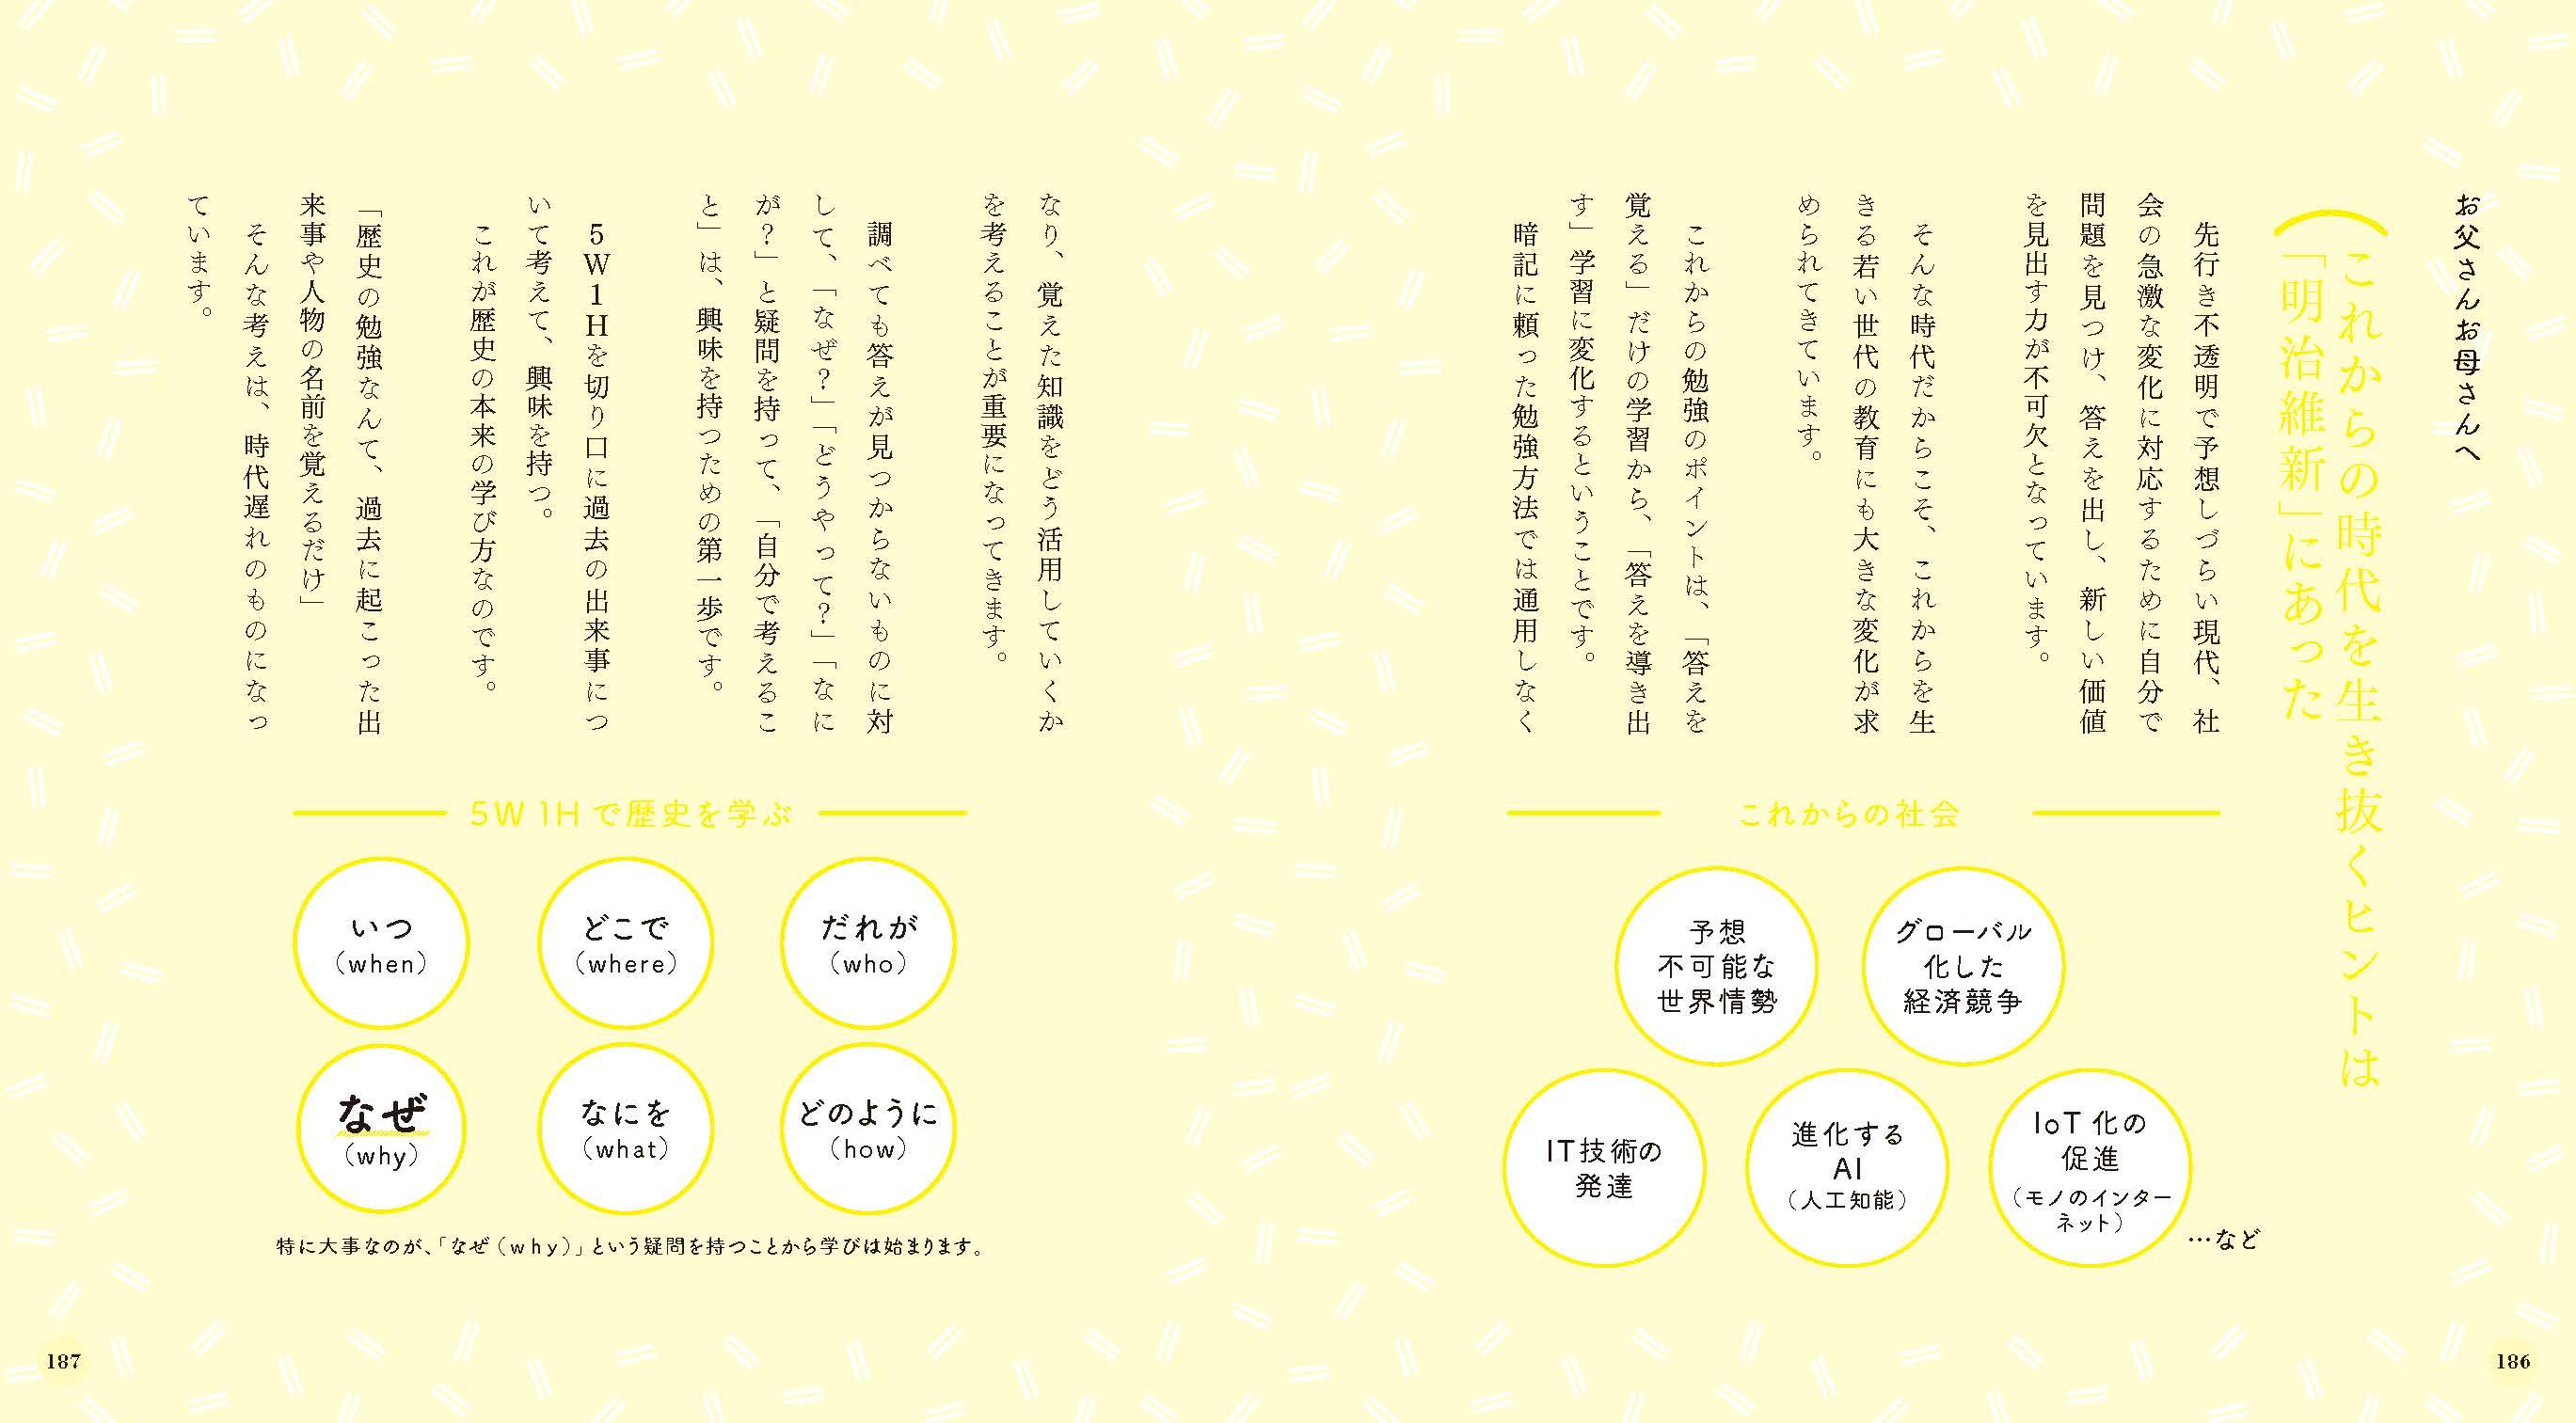 見開_日本一の社会科講師が教える明治維新_high 94